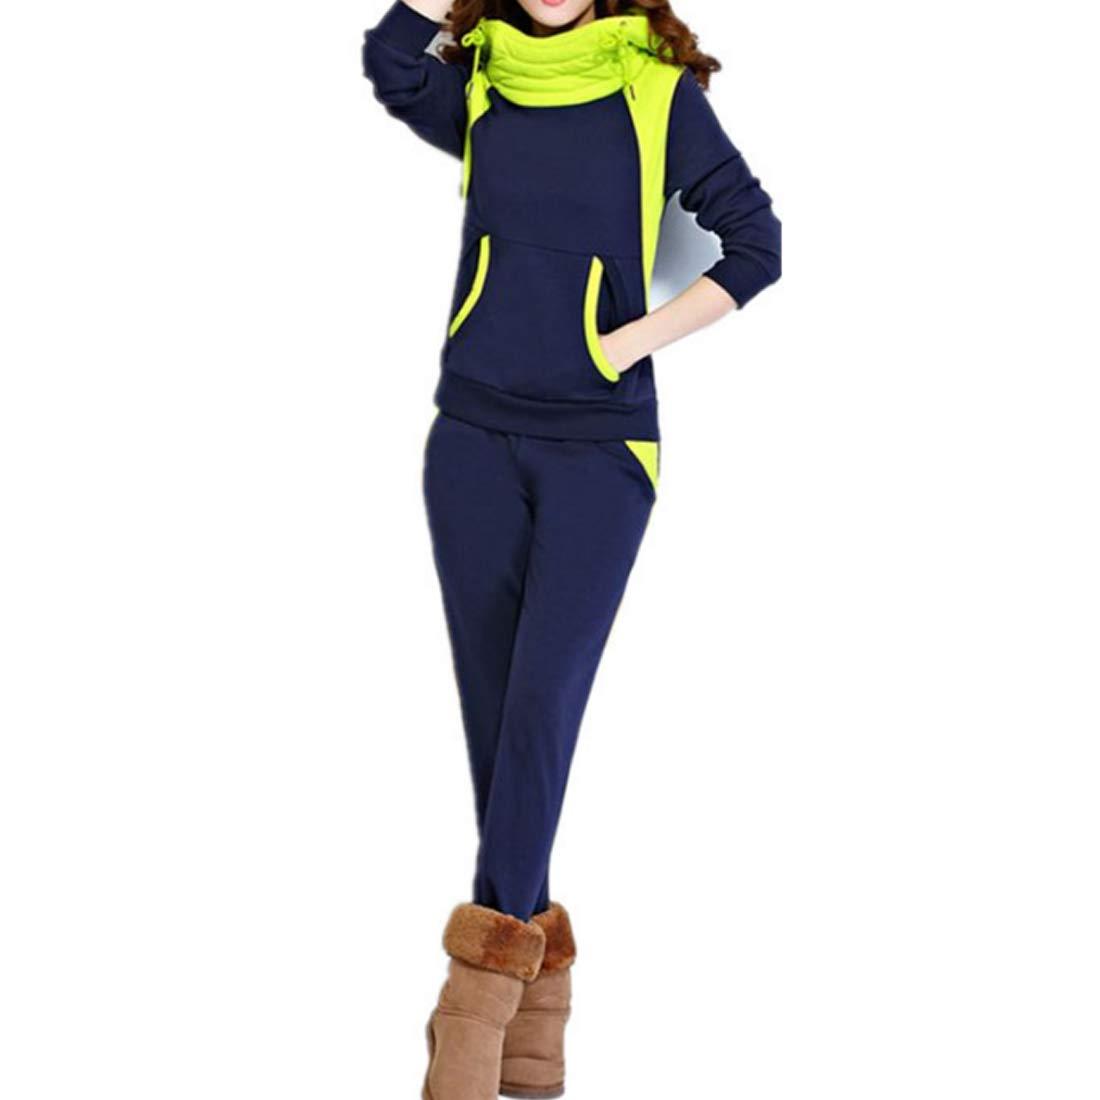 Huicai Women's Sports Suit Stitching Color Drawstring 2 Piece Set Casual wear Huicai Co. Ltd